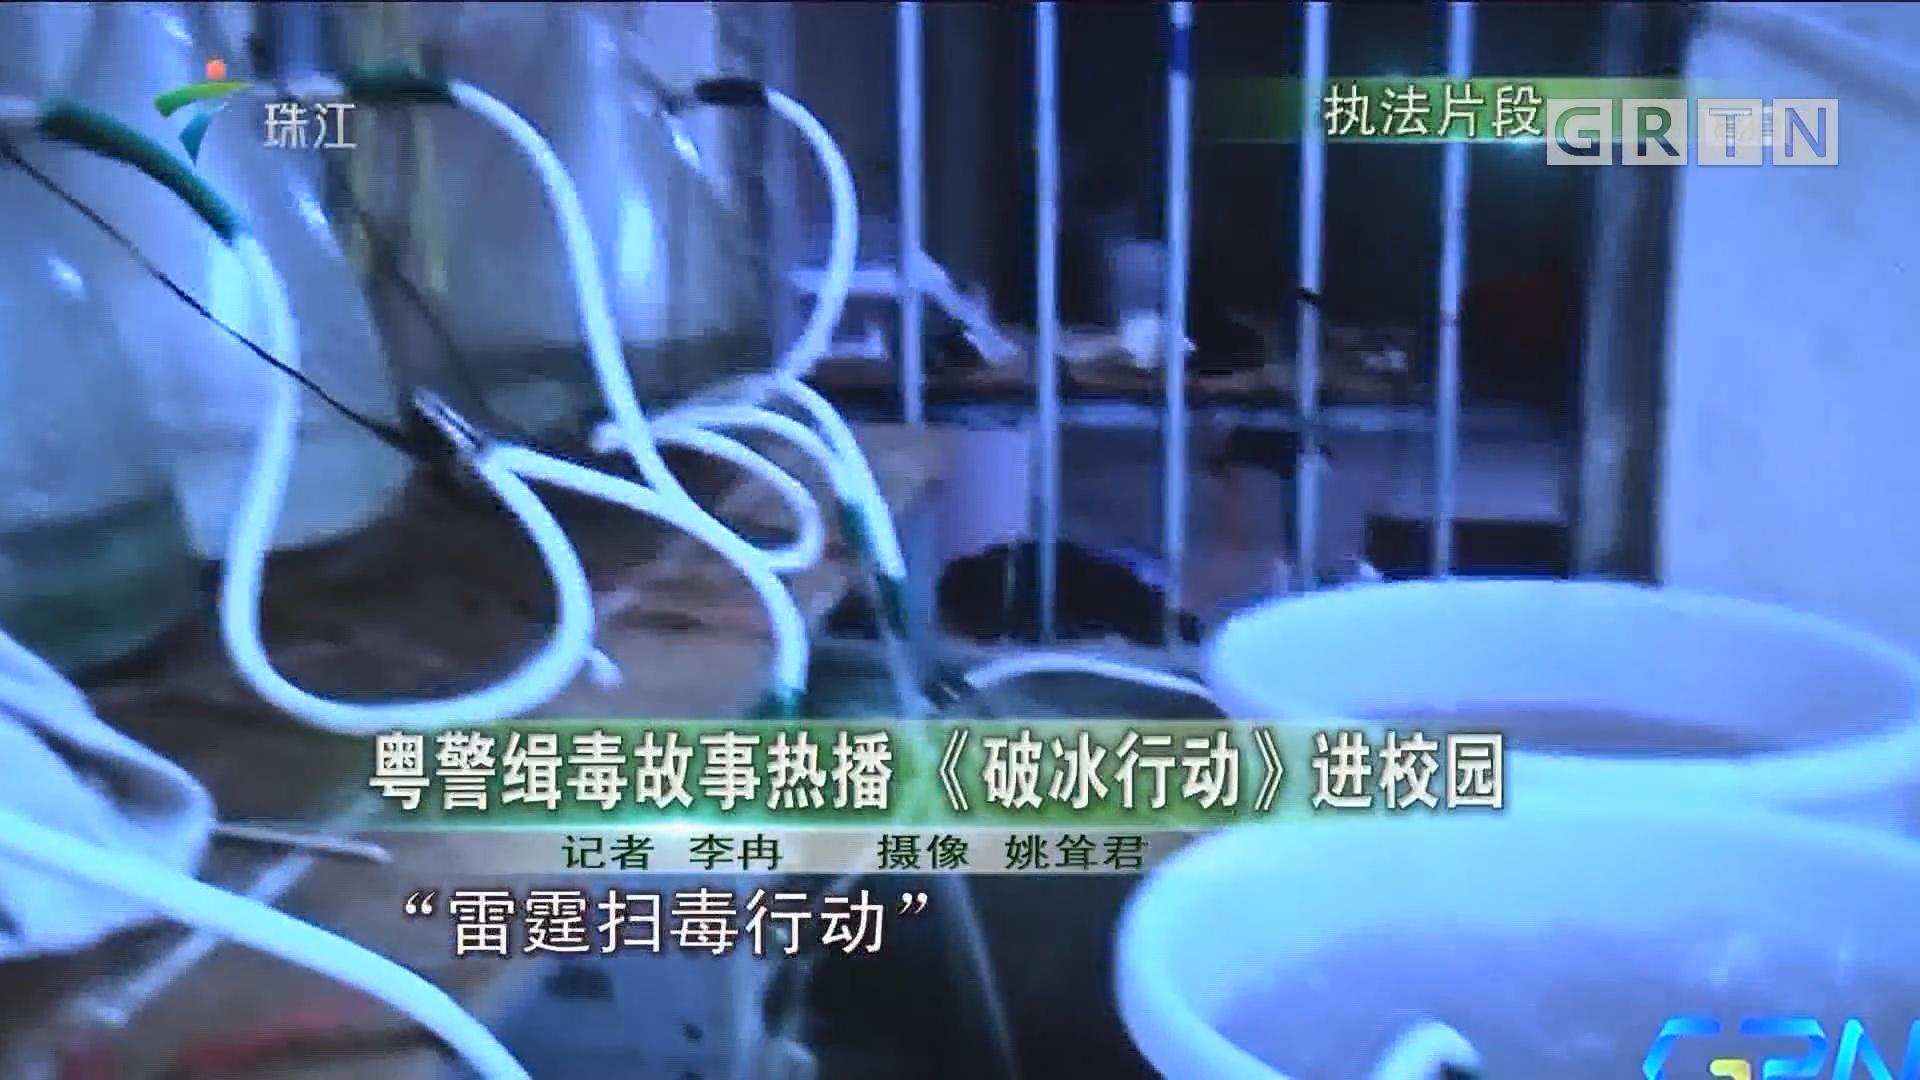 粤警缉毒故事热播《破冰行动》进校园